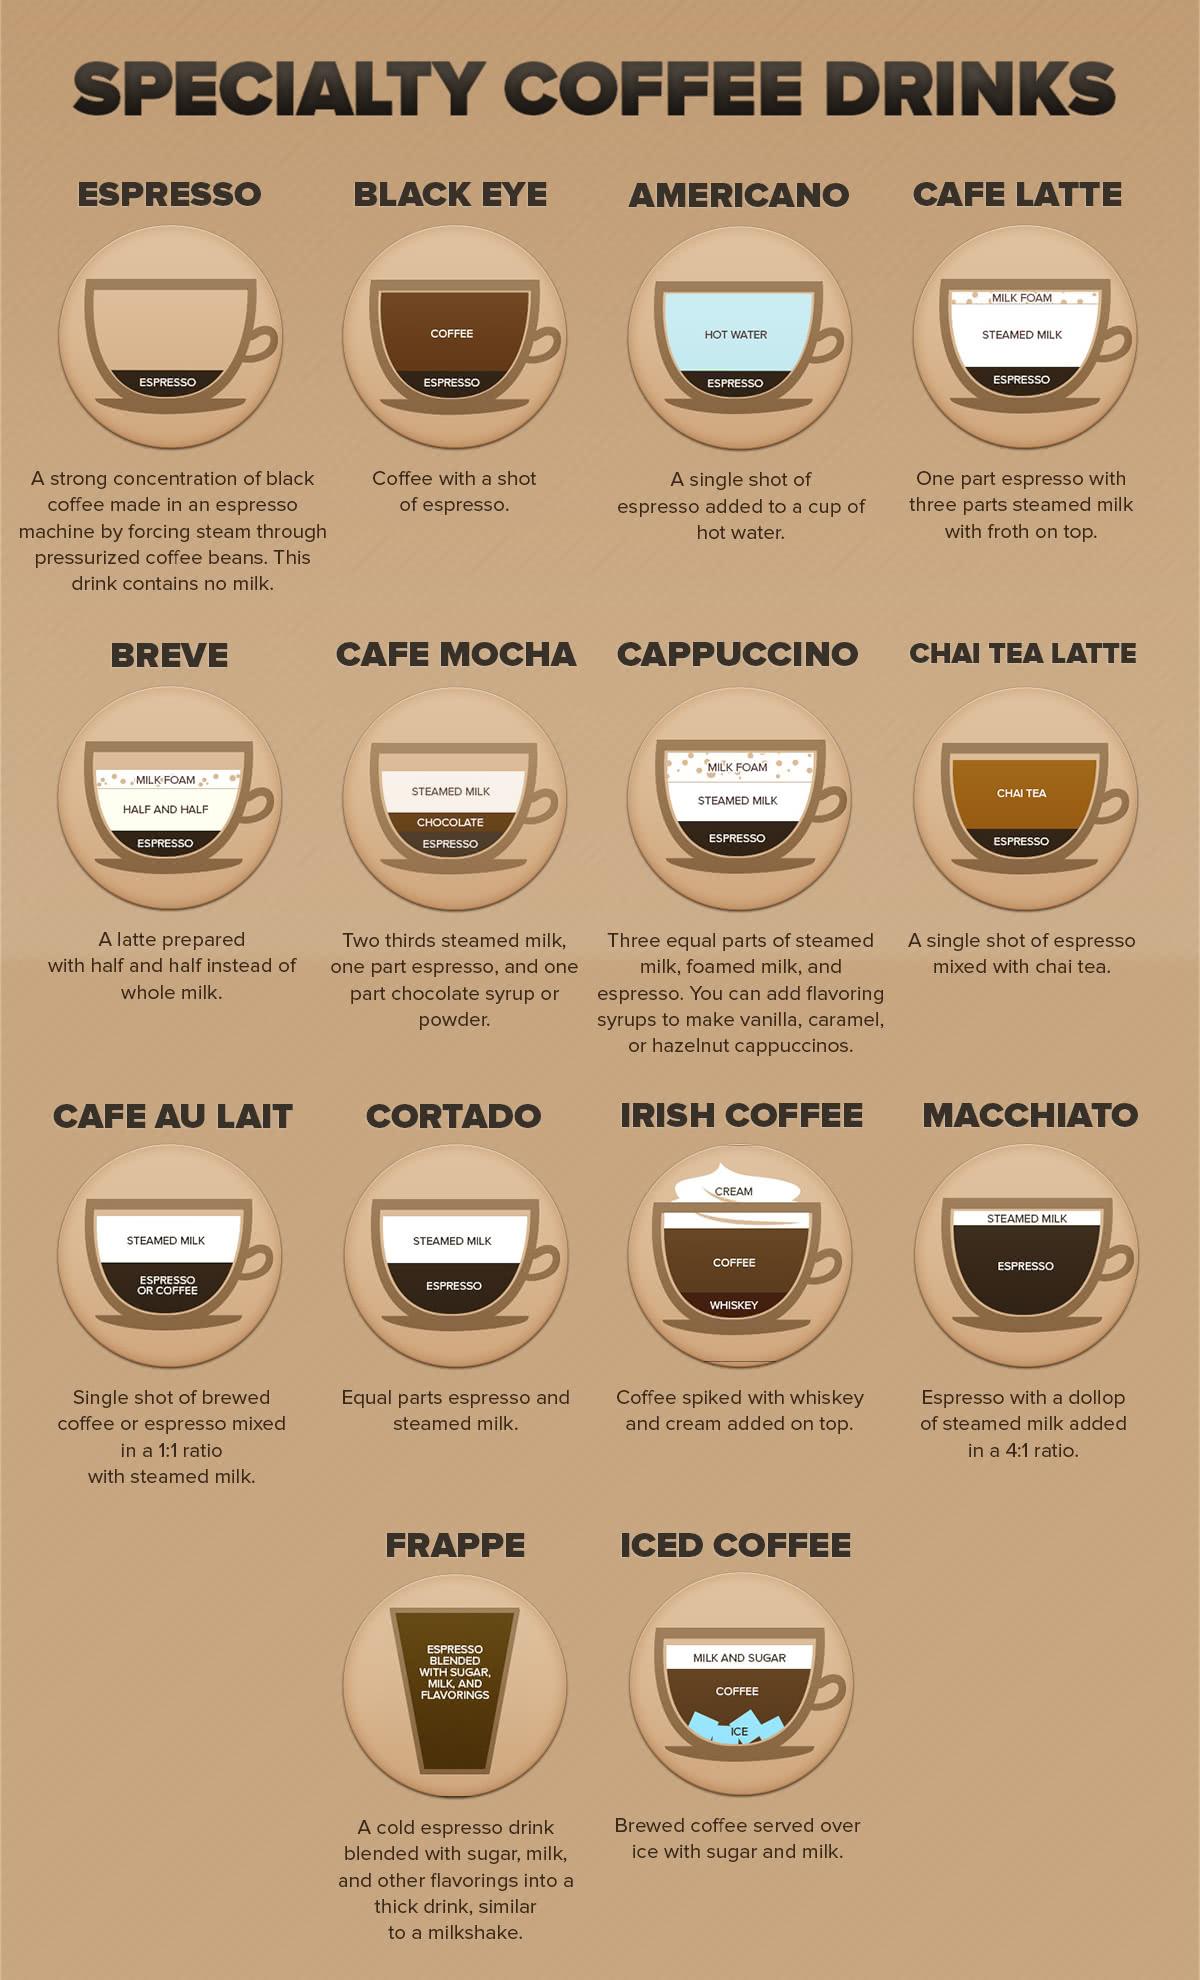 Speciality coffee drinks